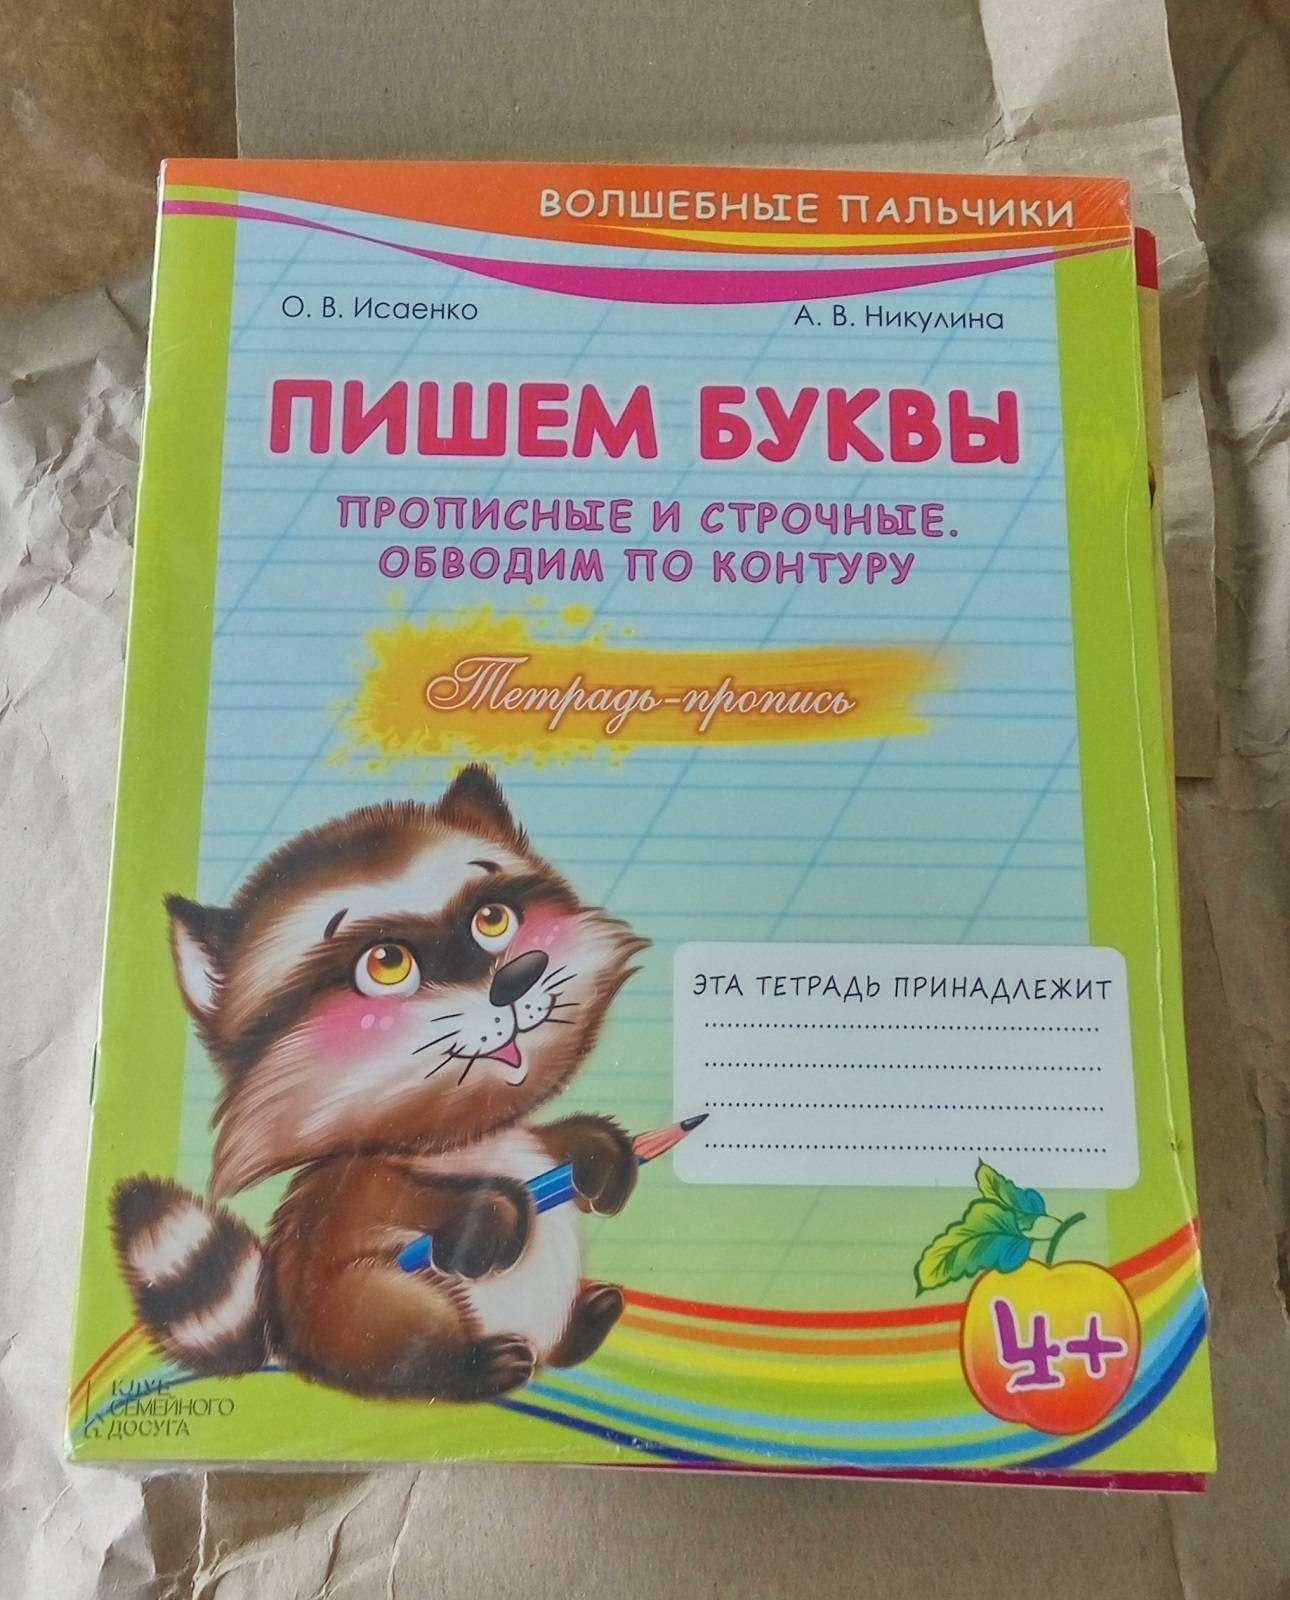 Книжный Клуб «Клуб Семейного Досуга»: Обзор посылки из книжного клуба - детские прописи и подарок